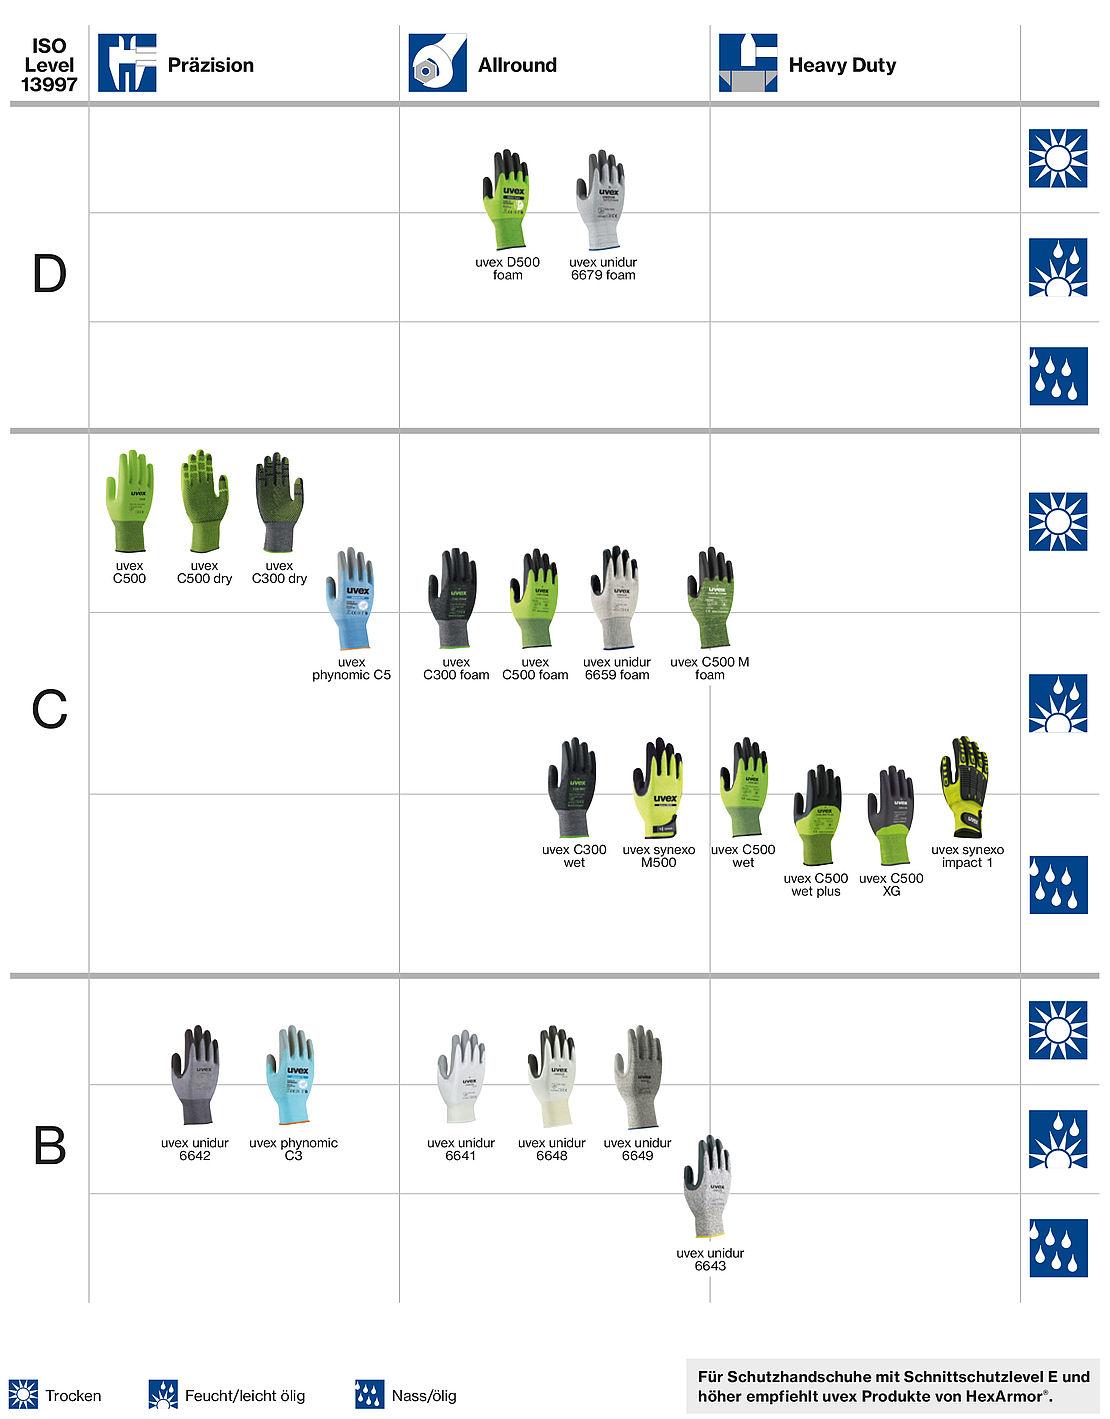 Aktuelle uvex safety Schnittschutzhandschuhe im Überblick